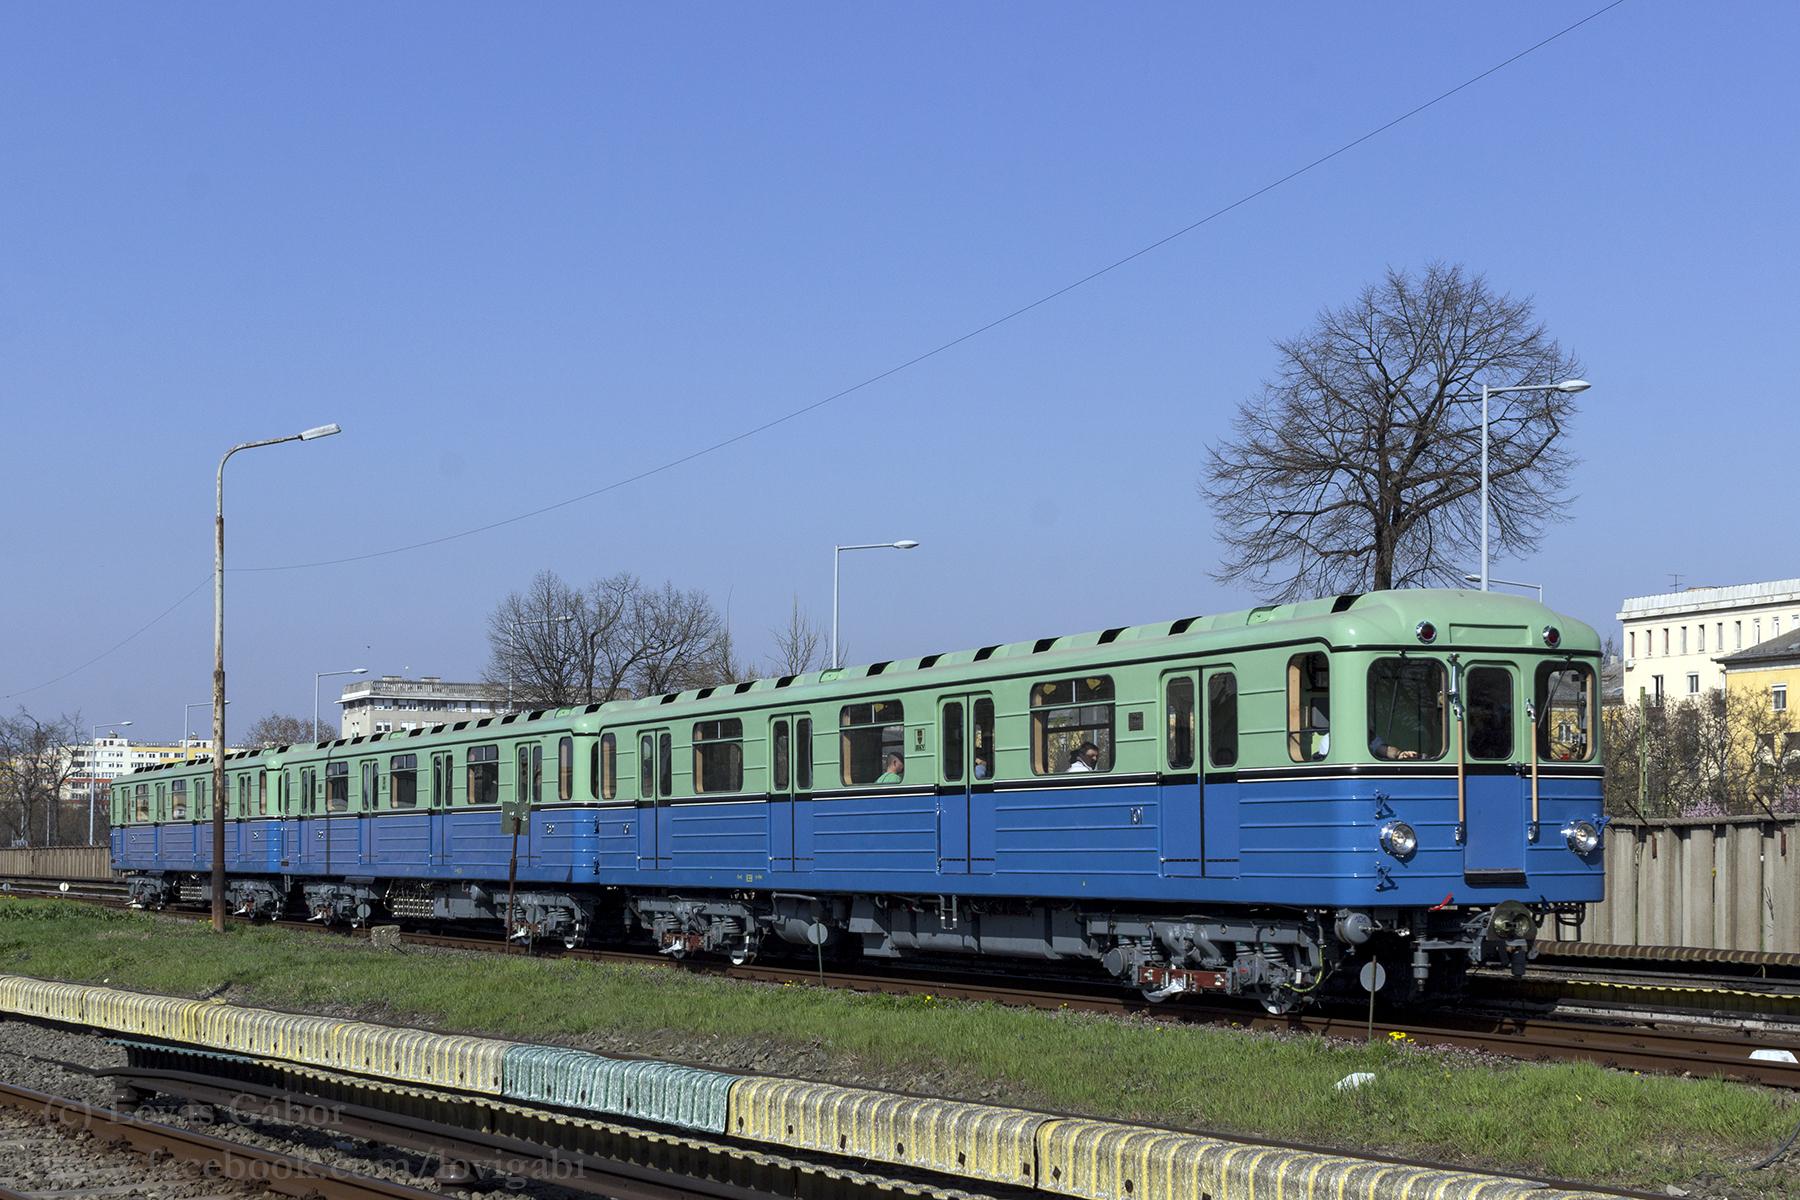 Szavak nincsenek, milyen szép lett a vonat! Nézzék meg galériánkat is! (képek: Lovas Gábor)